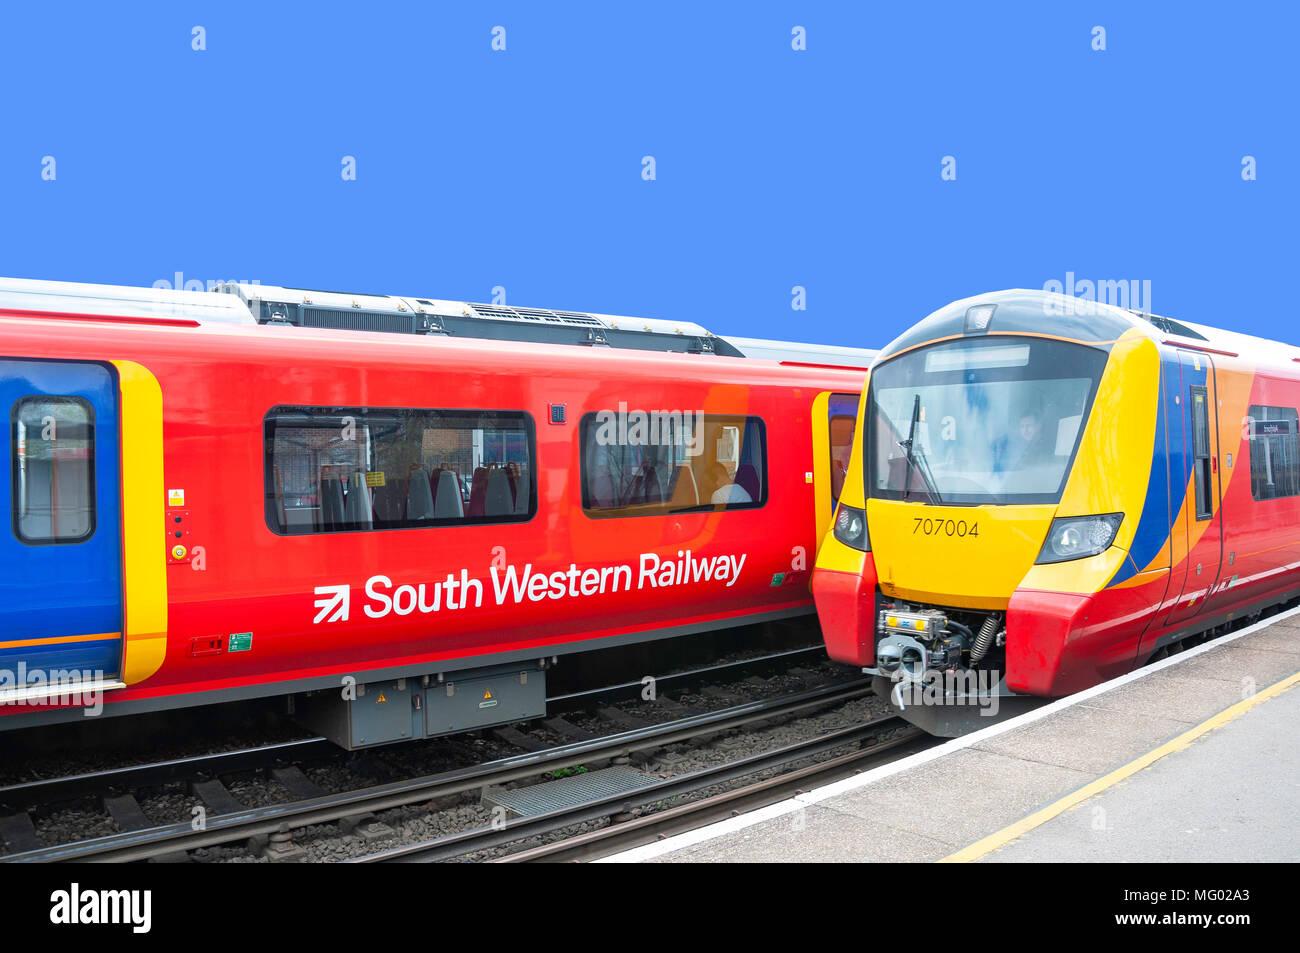 South Western Railway trains at Ashford Railway Station, Ashford, Surrey, England, United Kingdom - Stock Image